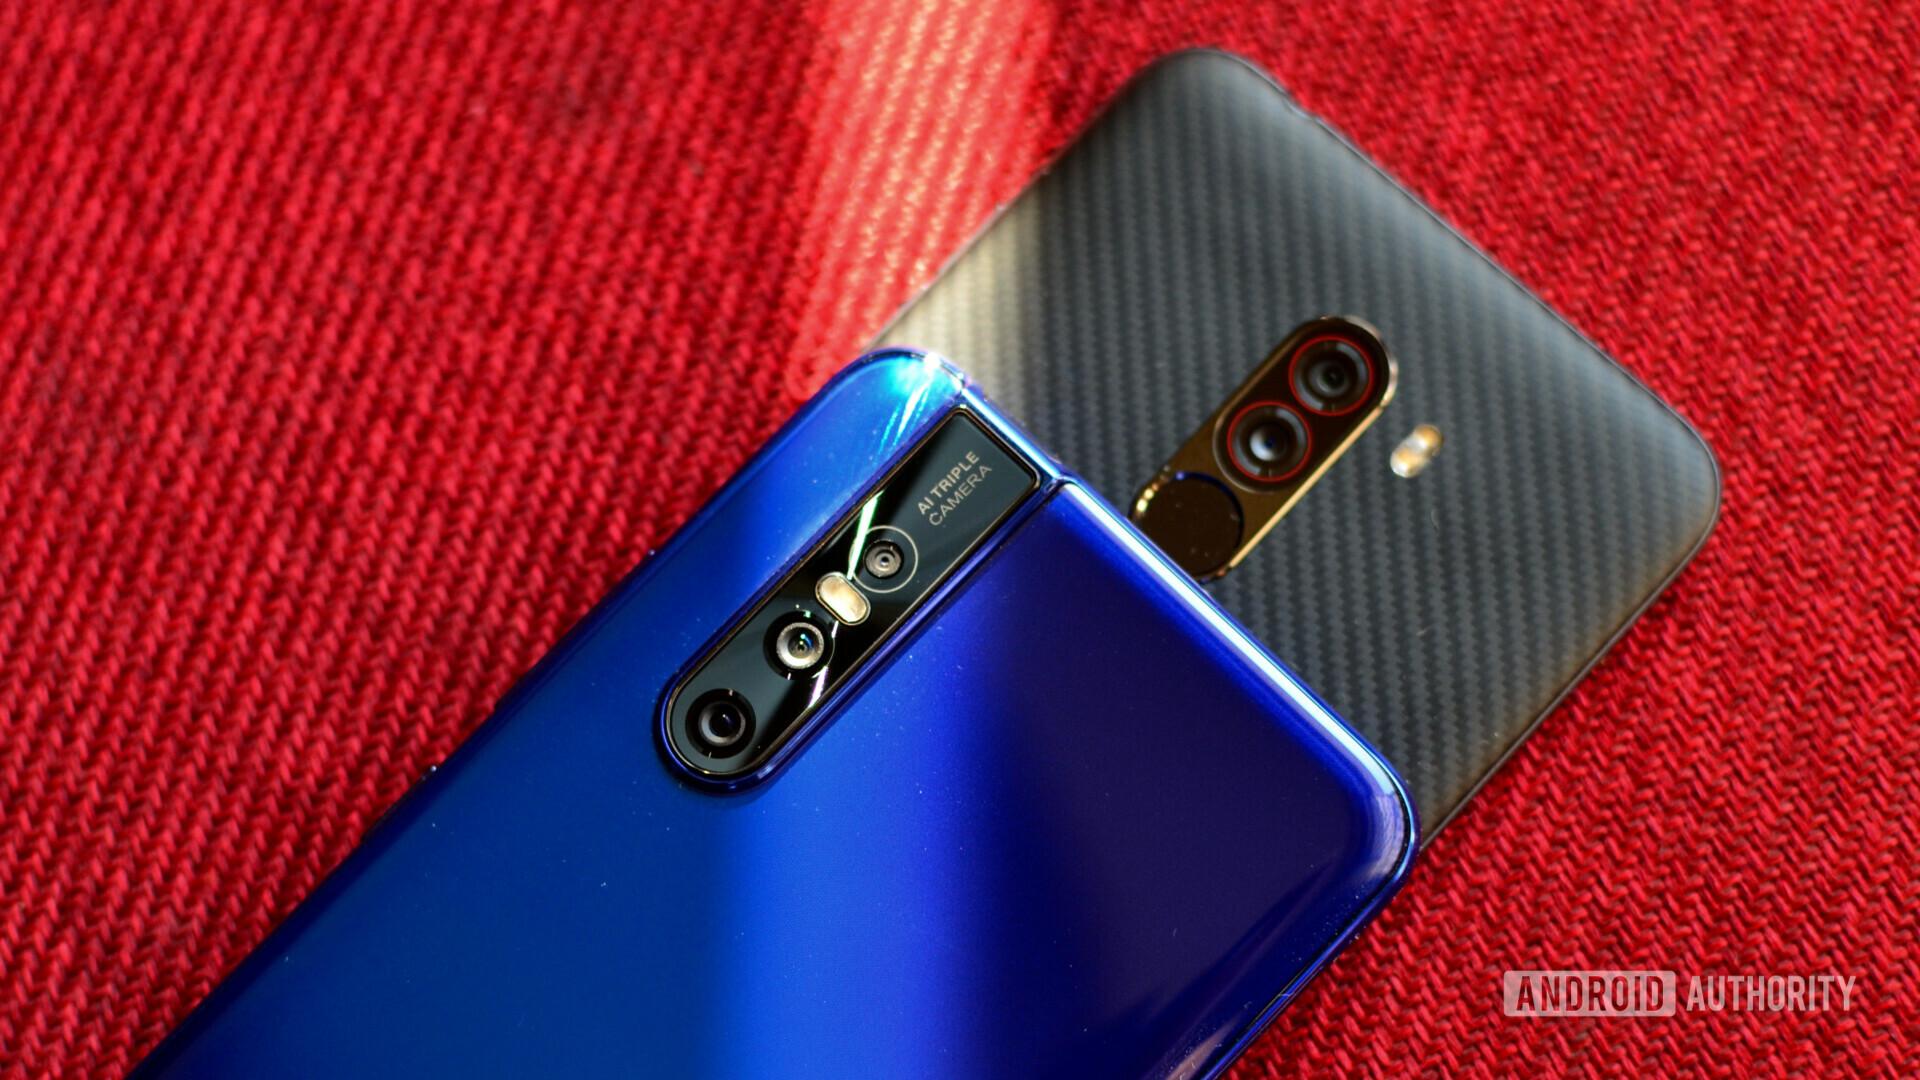 Vivo V15 Pro vs Pocophone F1: Beauty or the beast - Android Authority